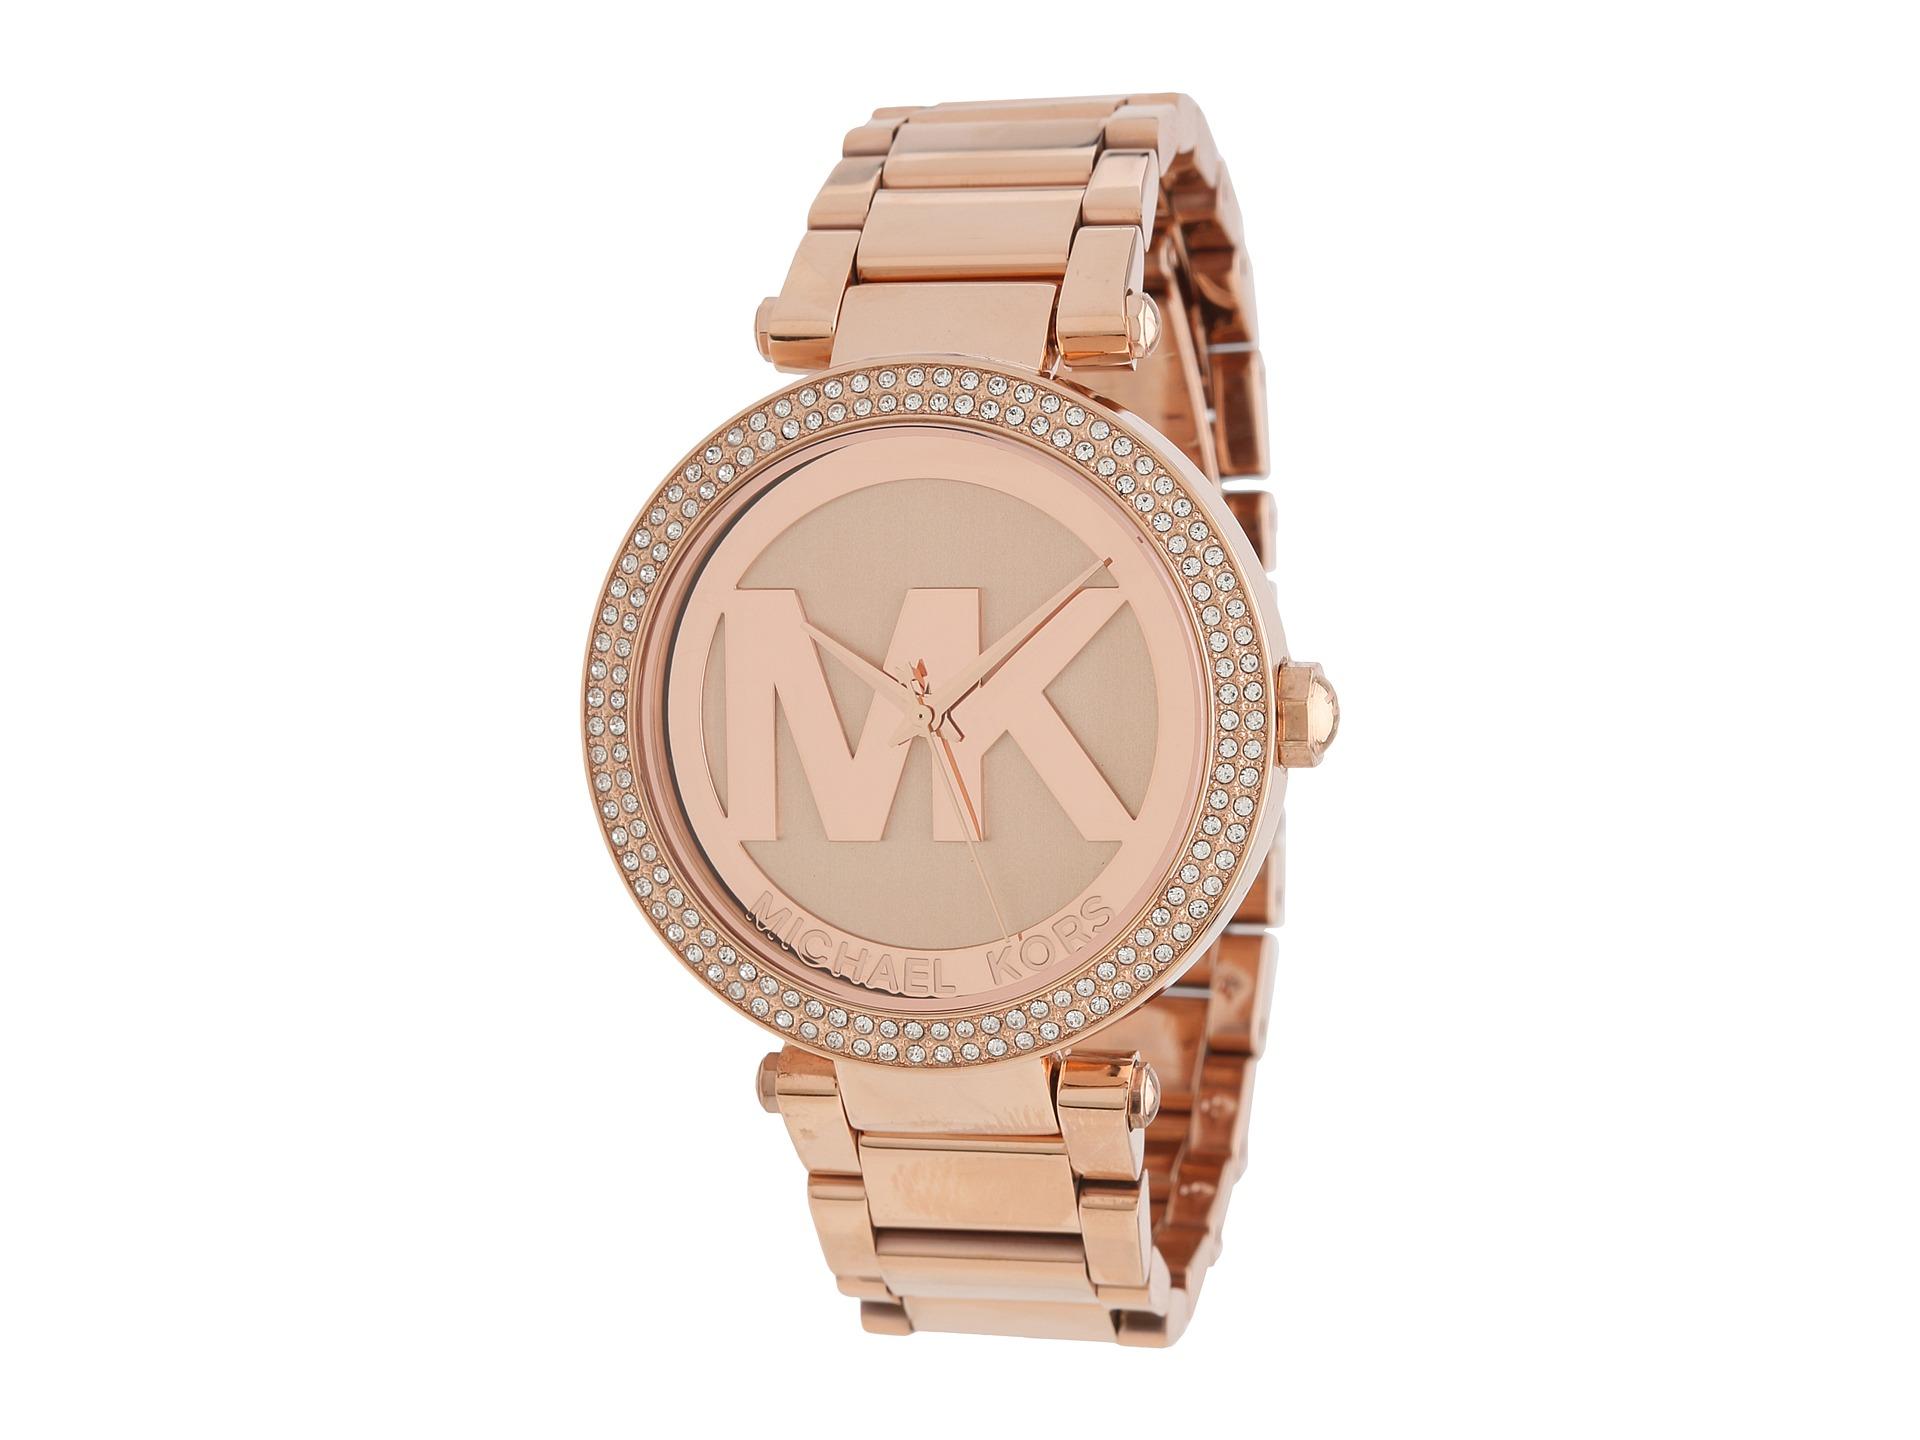 Часы Michael Kors - купить по выгодной цене